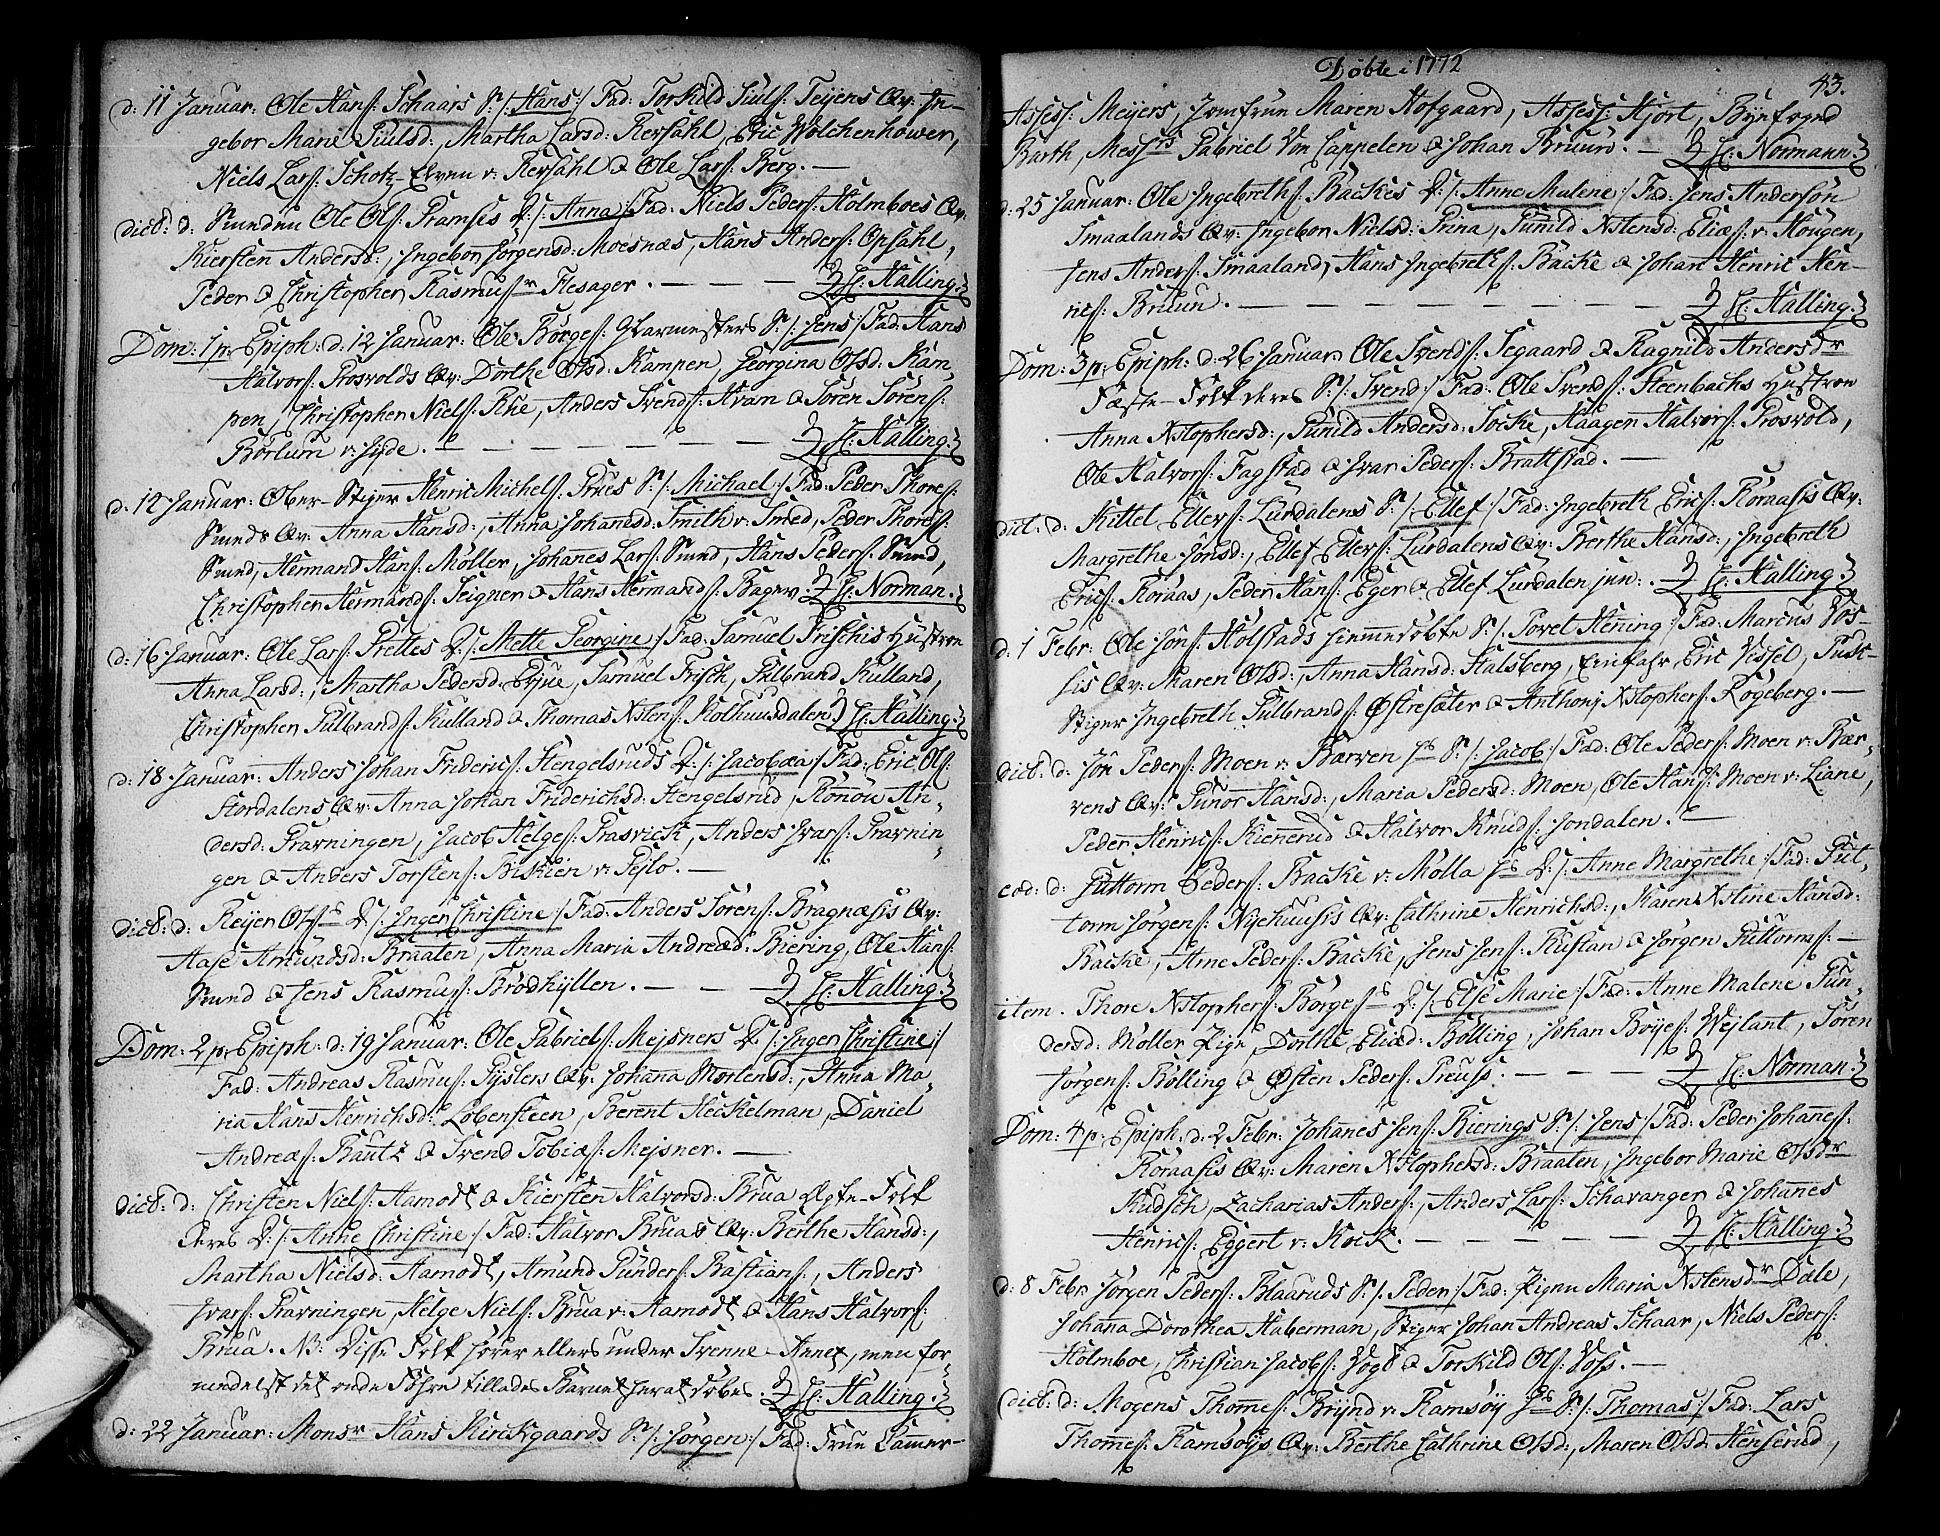 SAKO, Kongsberg kirkebøker, F/Fa/L0005: Ministerialbok nr. I 5, 1769-1782, s. 43